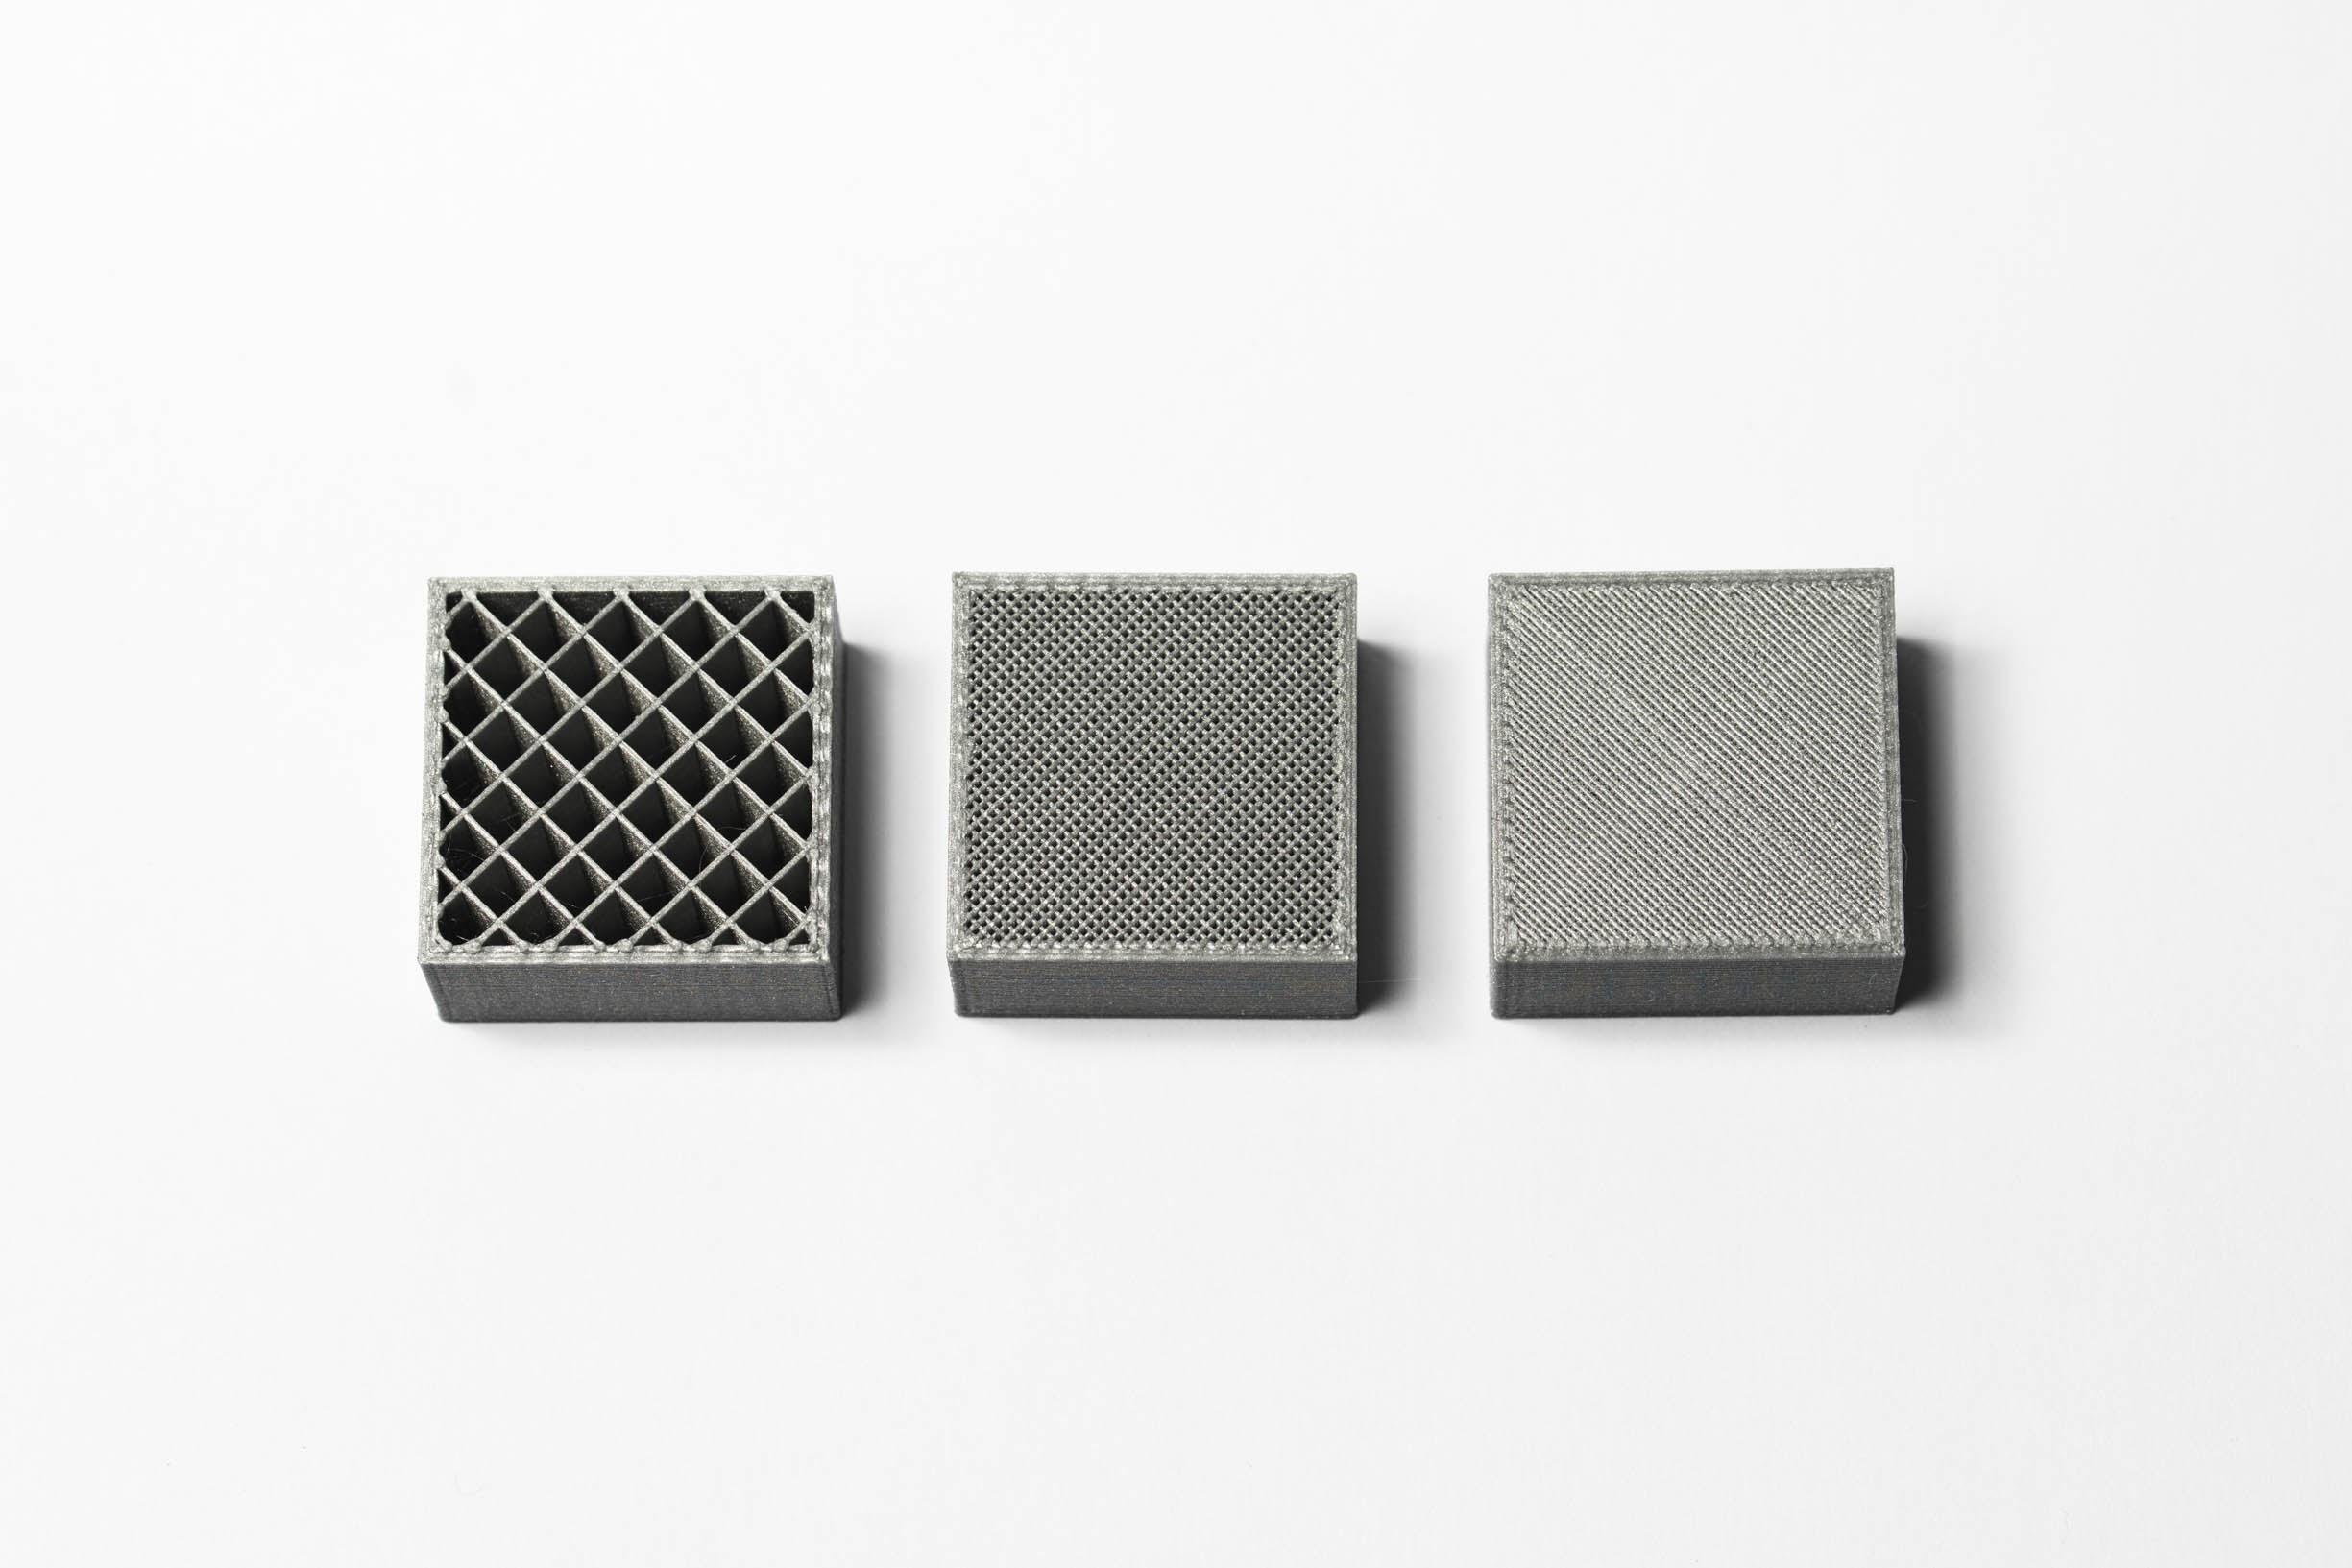 سه قطعه یکسان پرینت شده با تکنولوژی FDM با تراکم های داخلی مختلف